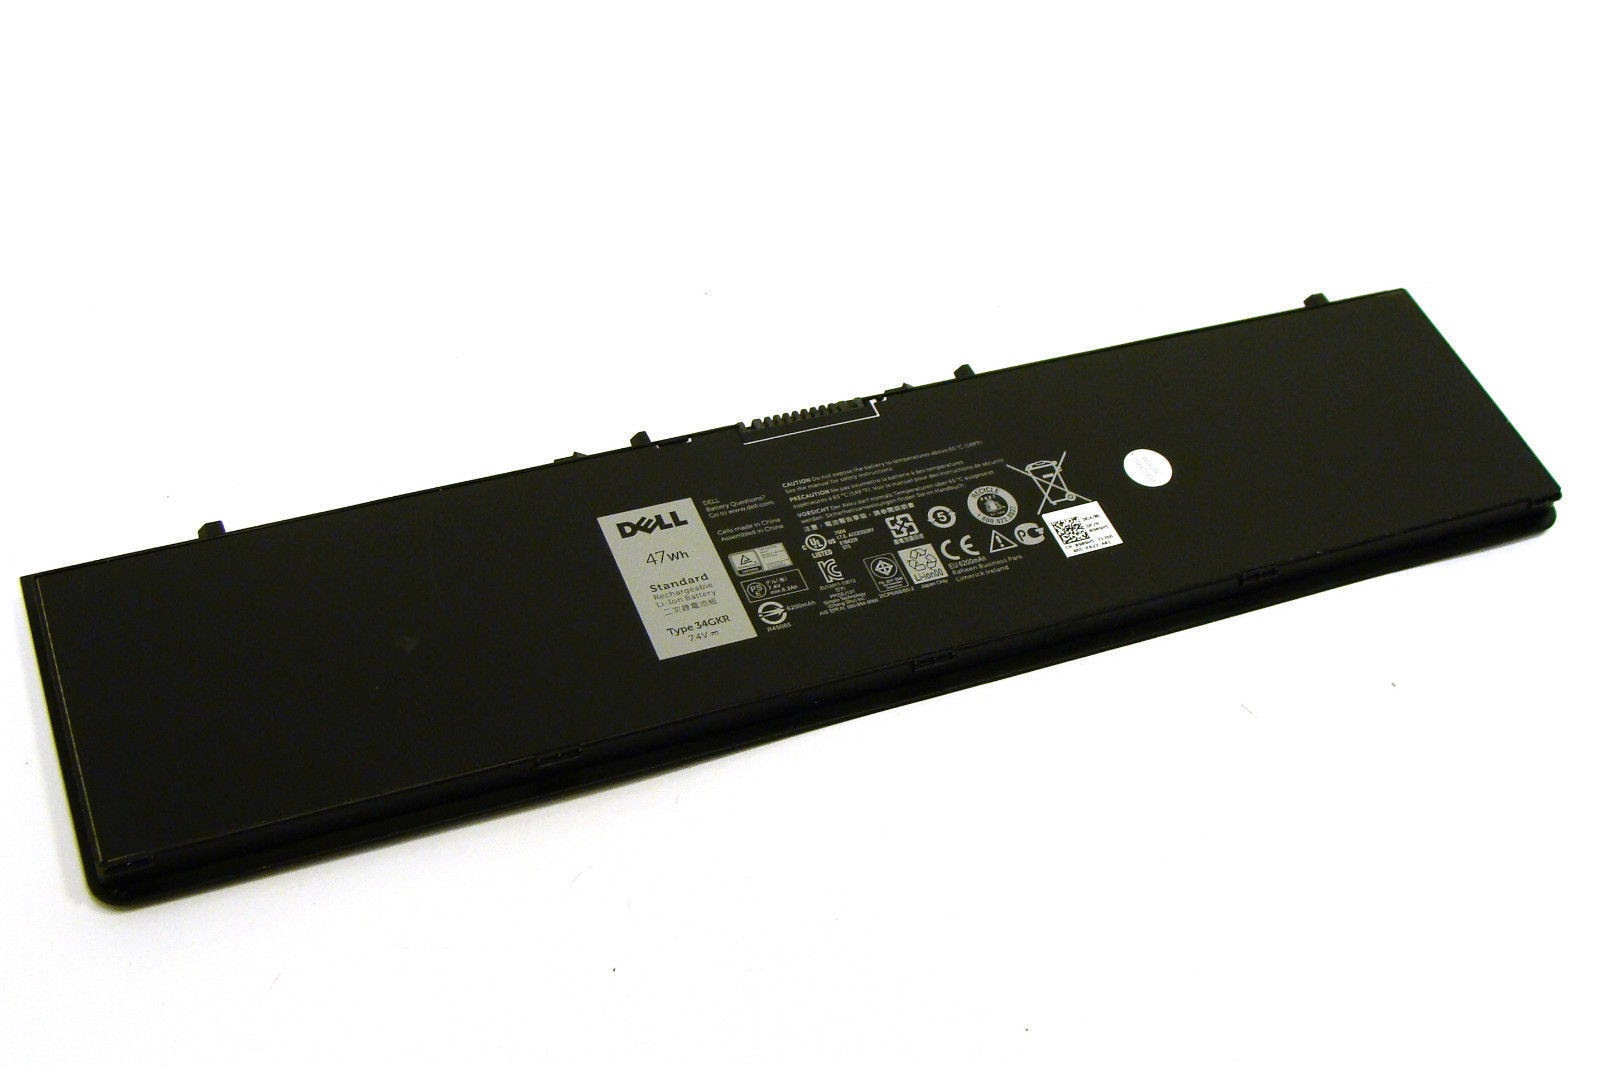 Pin laptop dell e7440 mua ở đâu giá rẻ, uy tín